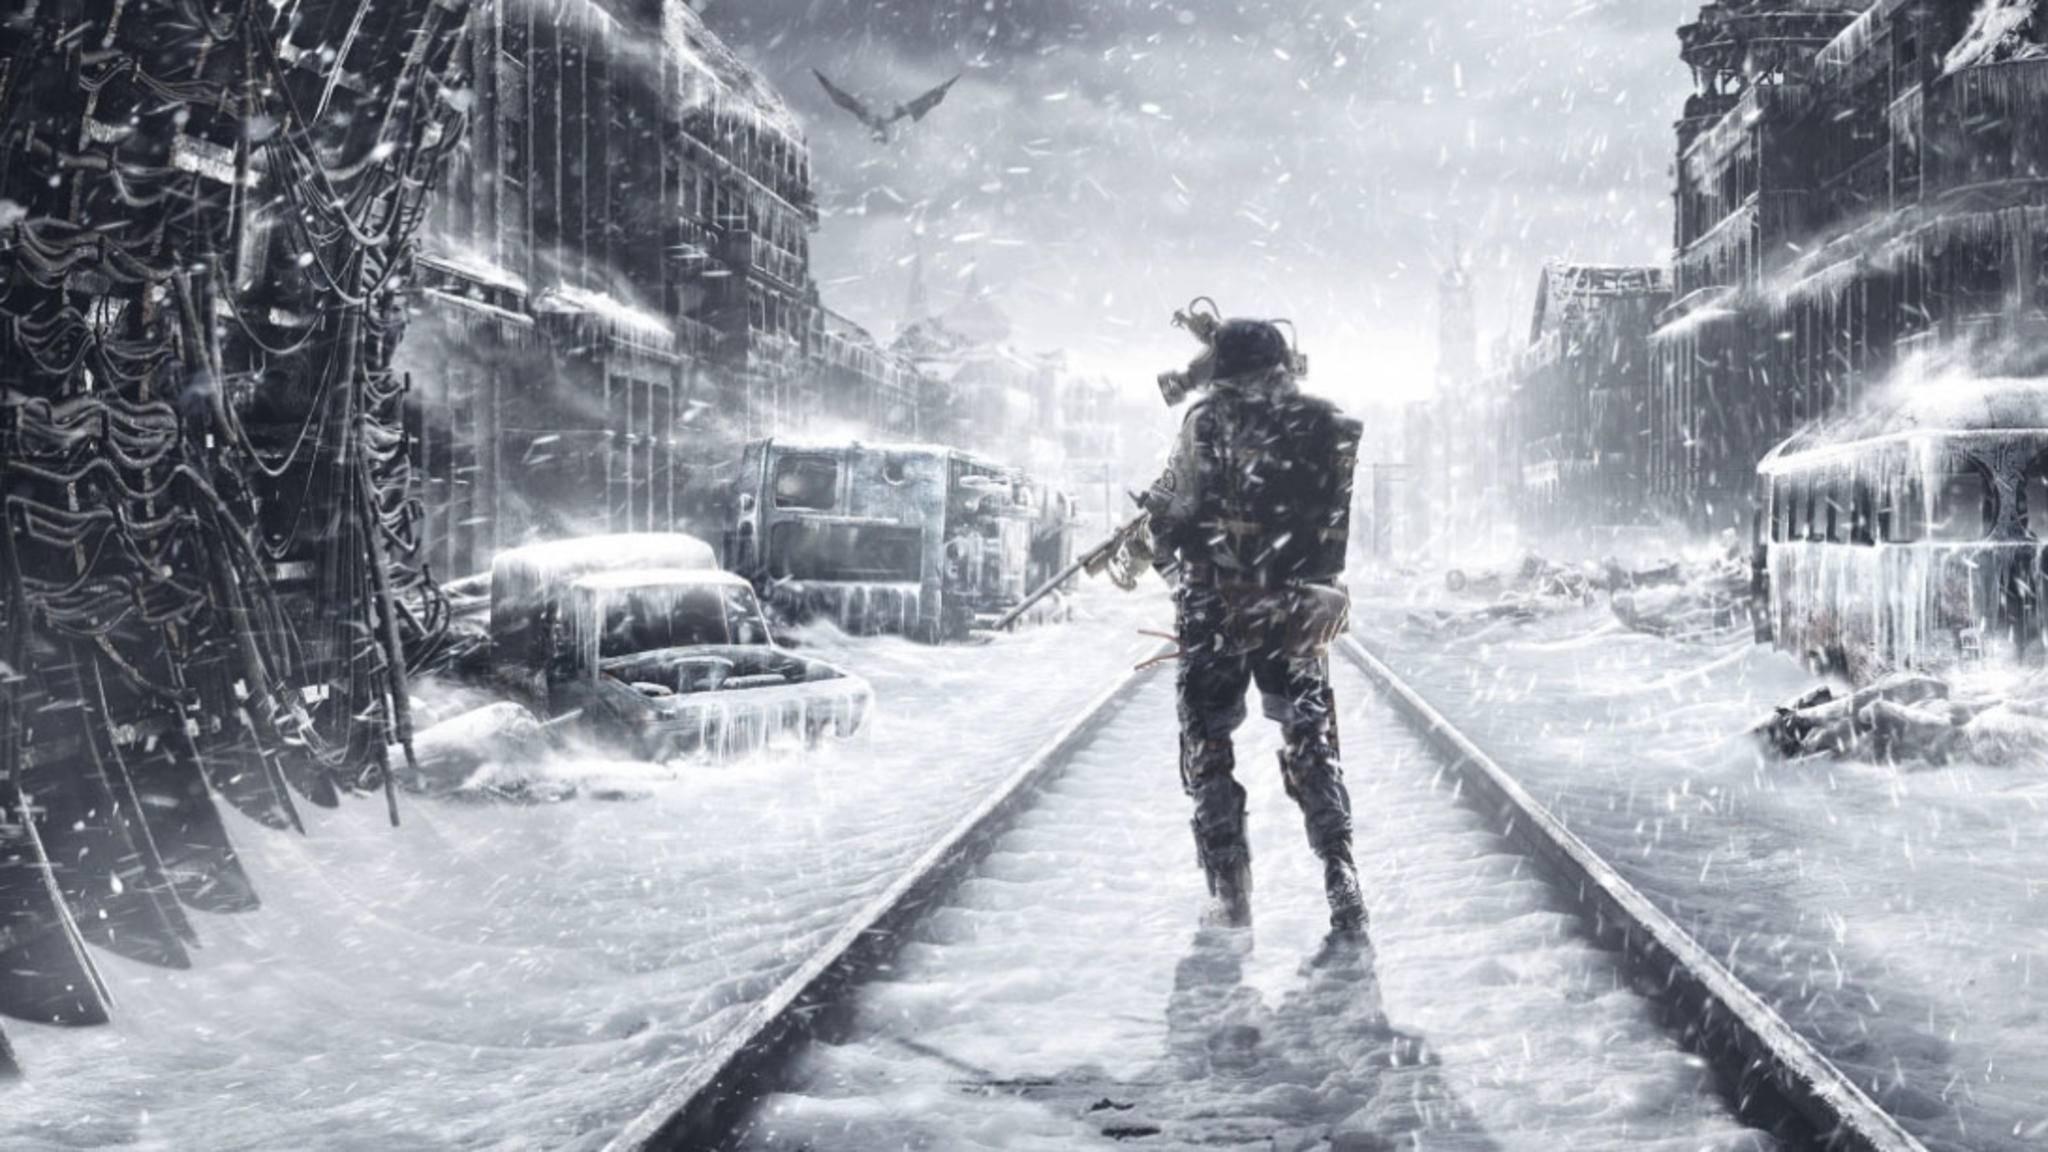 """Das Ende kommt in """"Metro Exodus"""" bestimmt. Die Frage ist nur: Ist es gut oder schlecht?"""